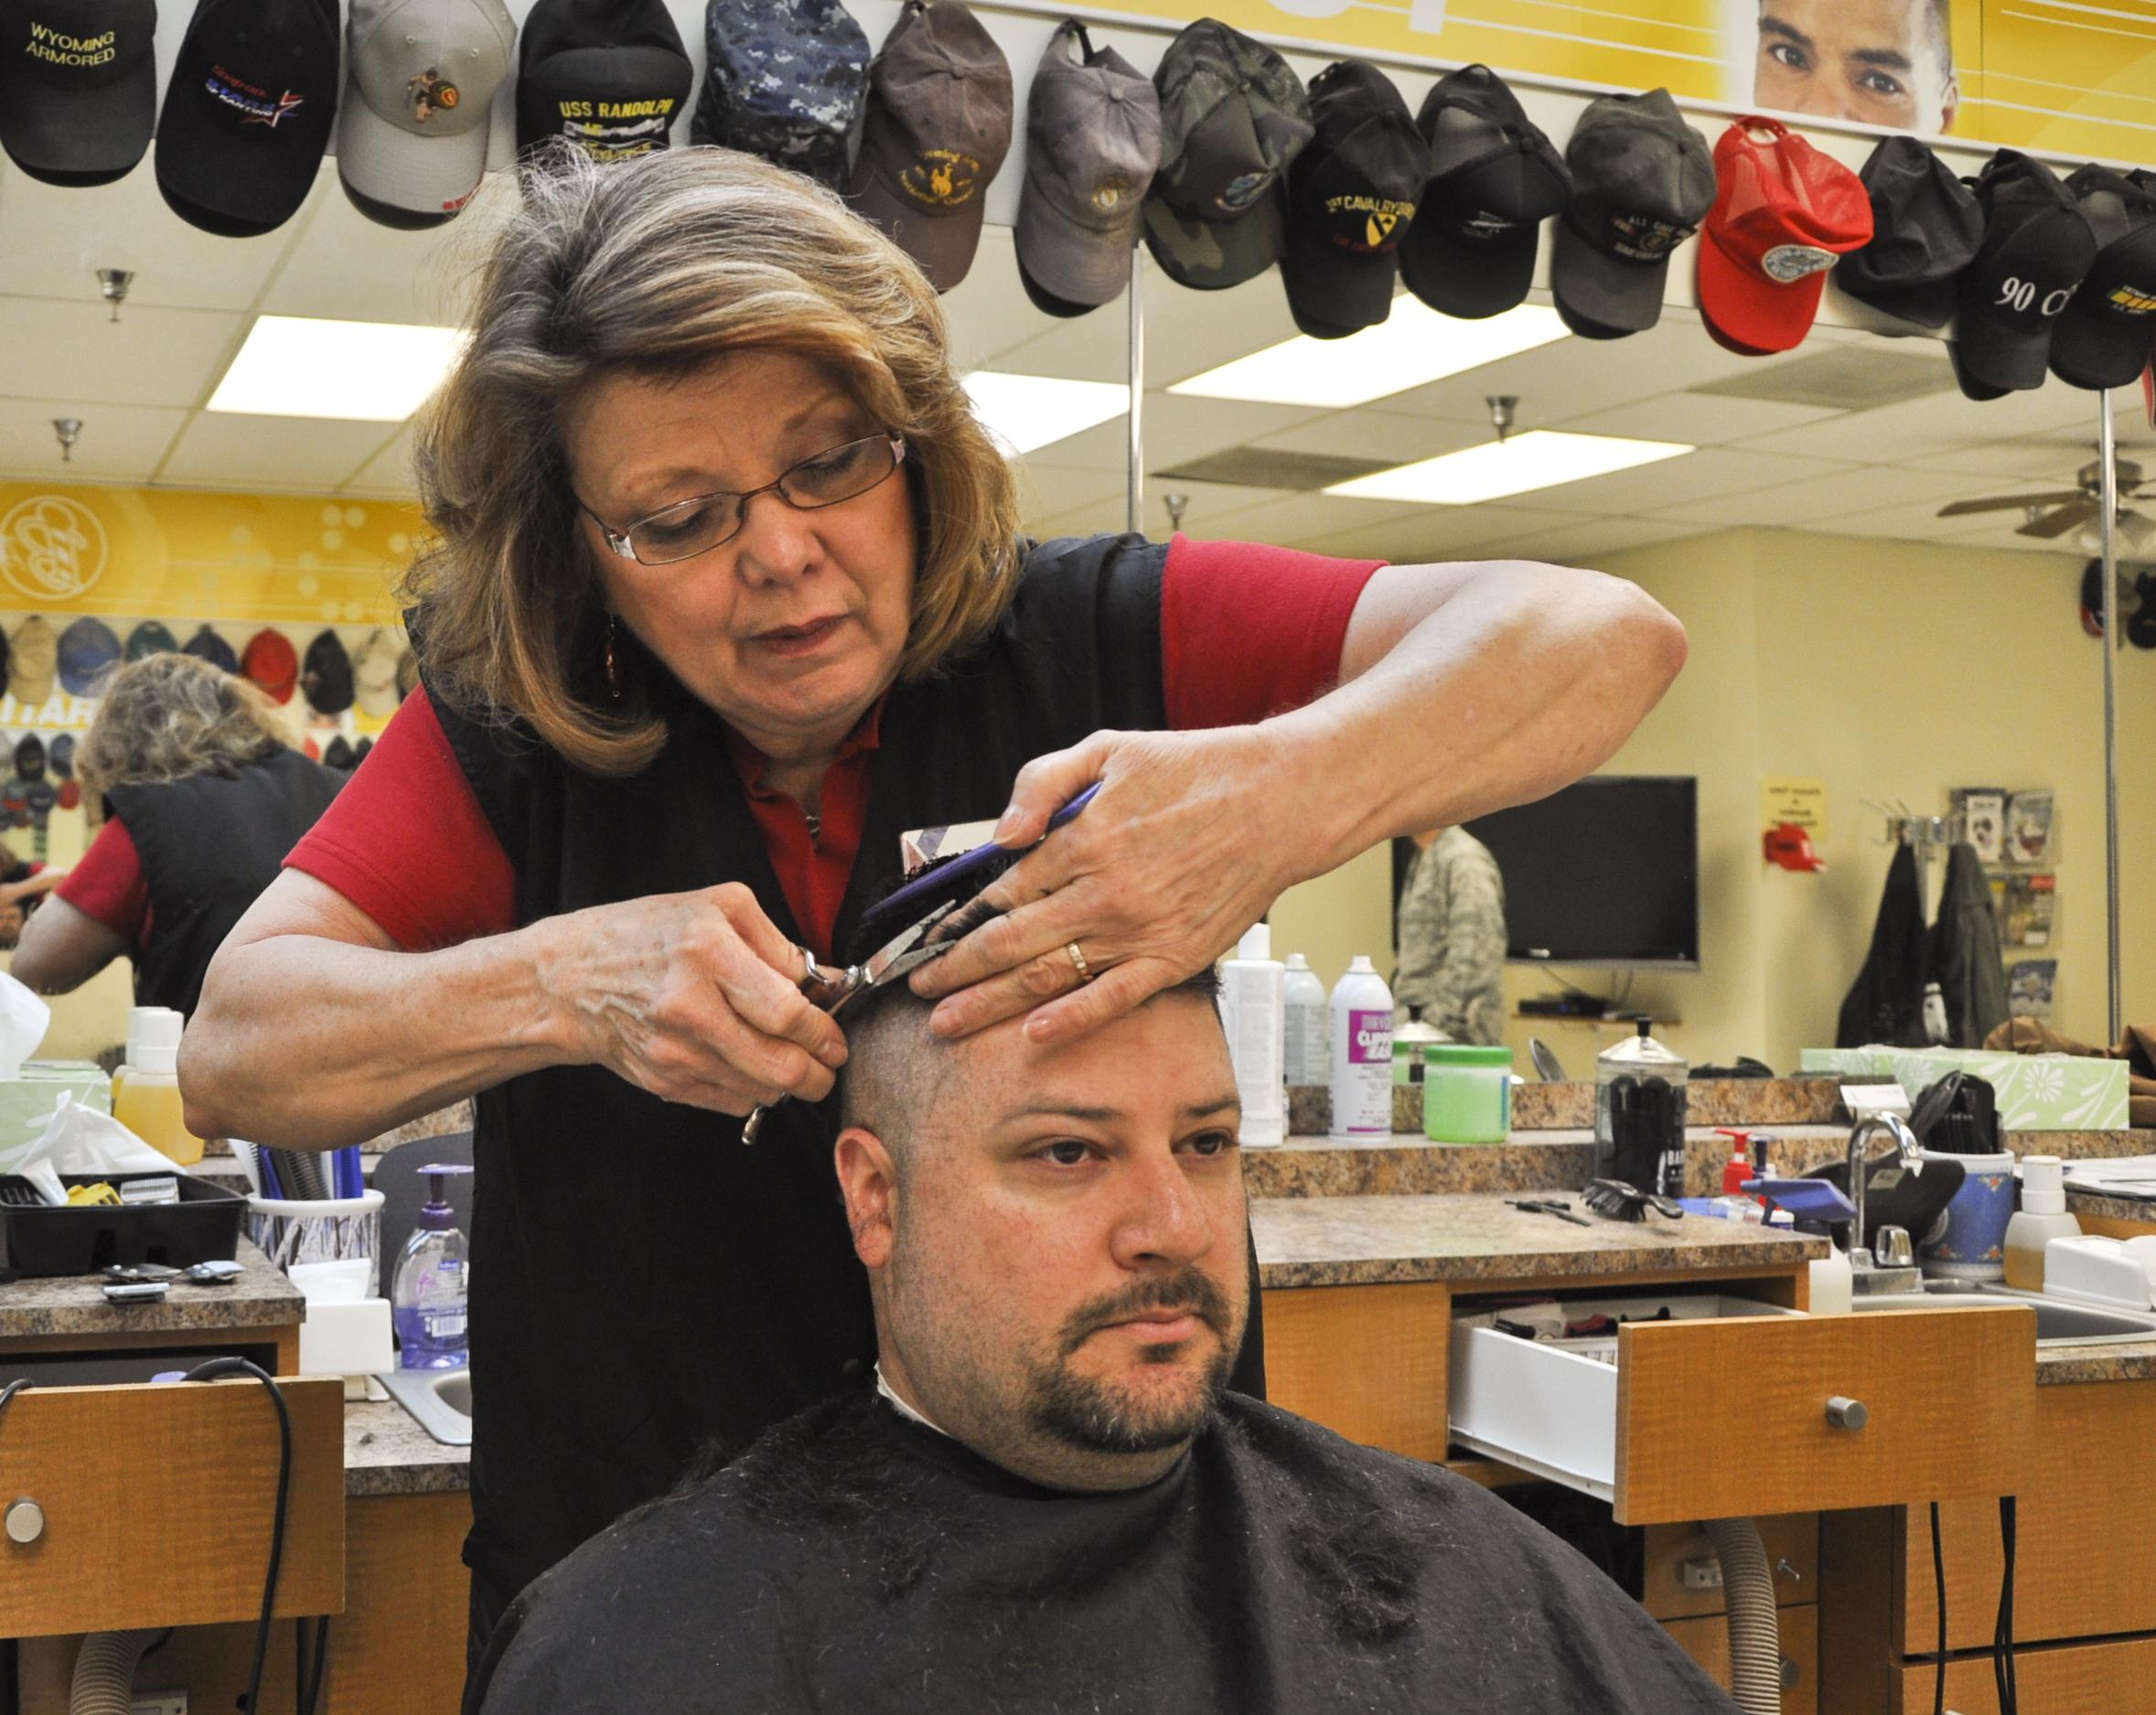 auf dem Bild schneidet eine Frau einem Mann die Haare